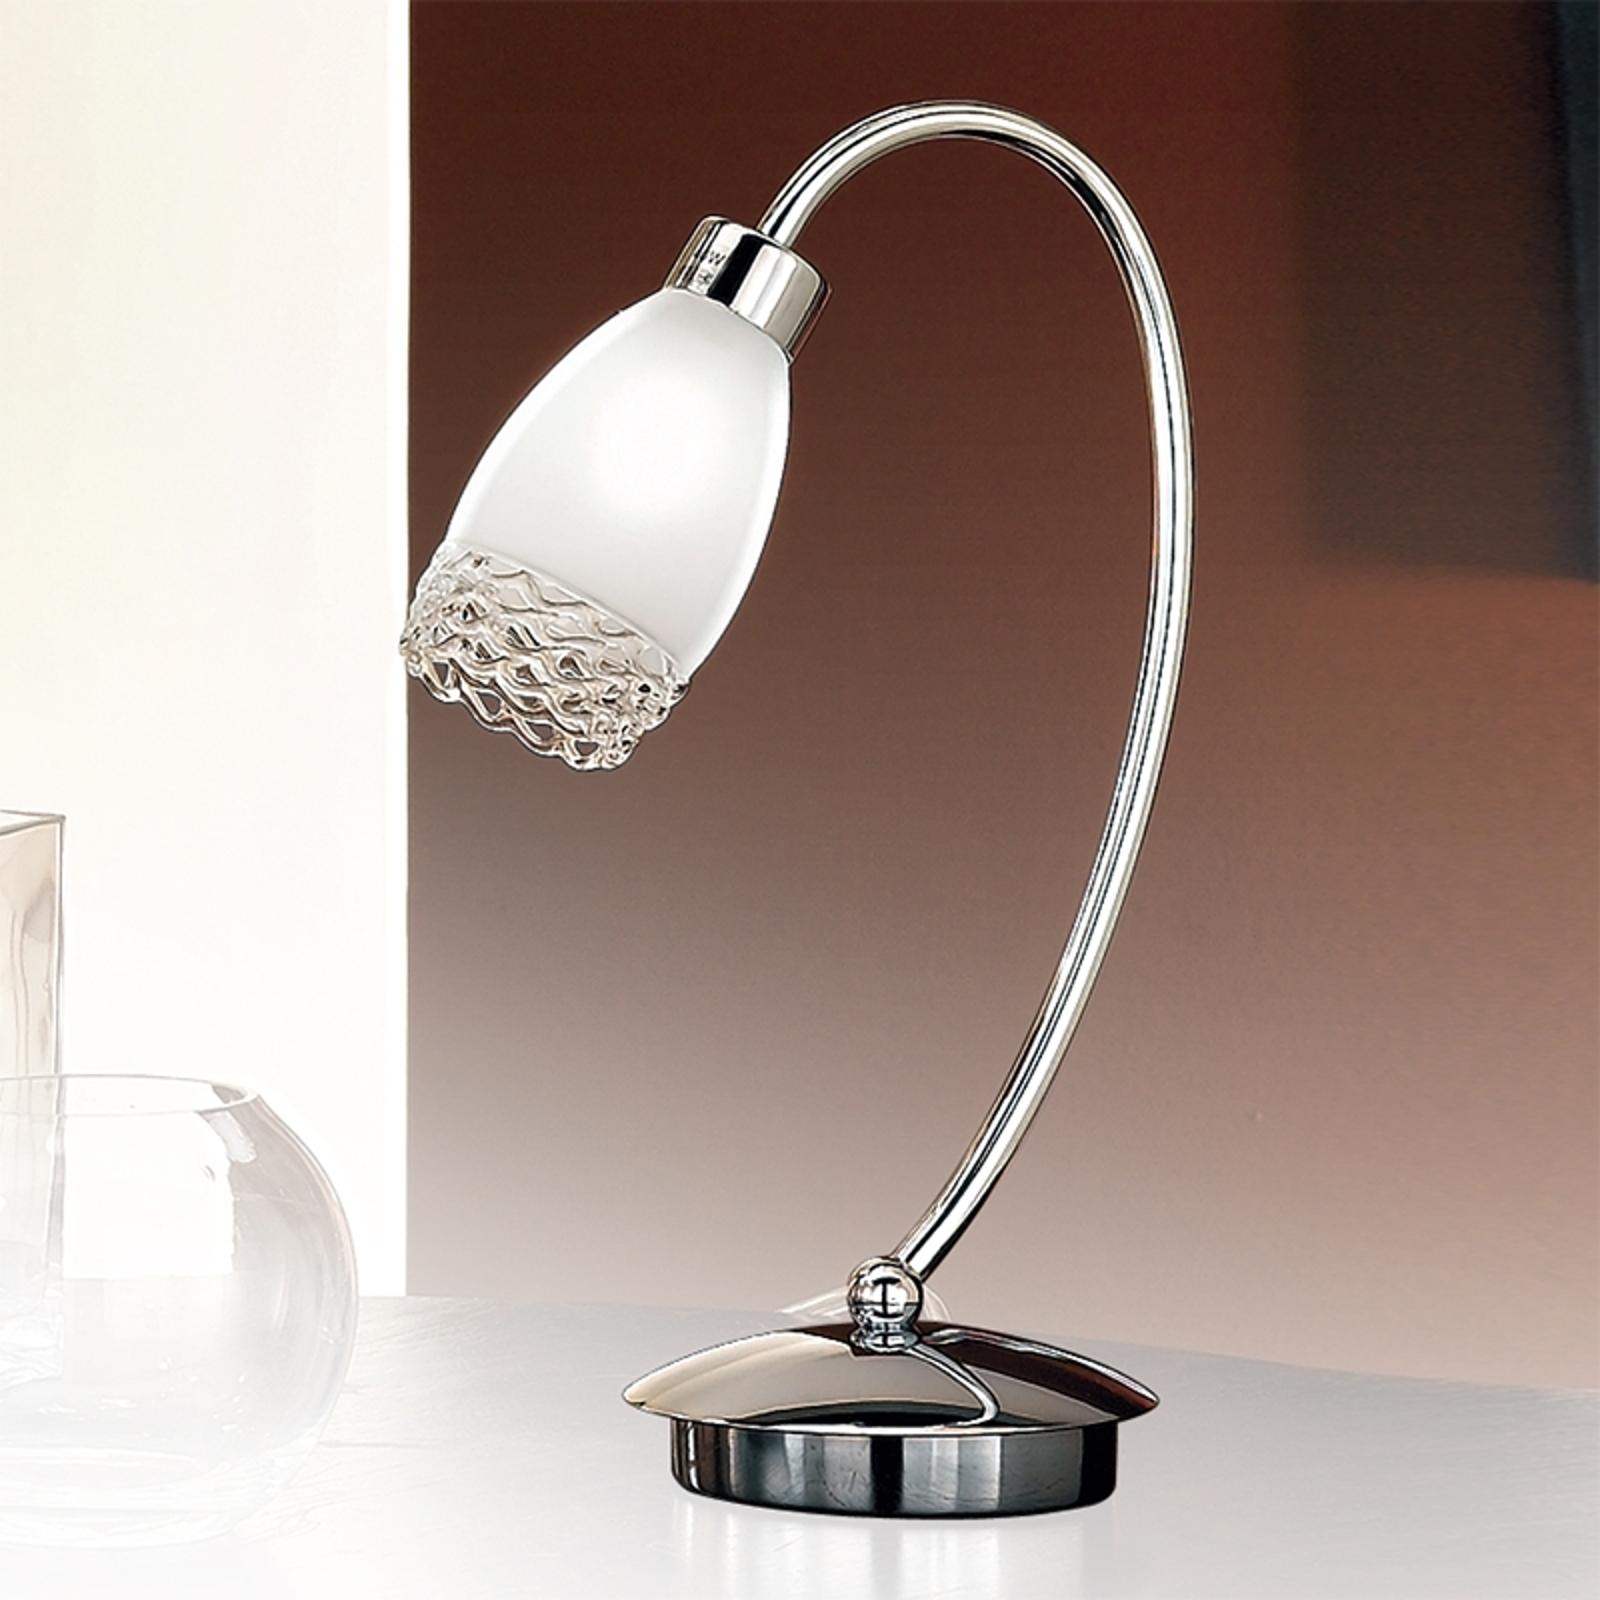 MARISA-pöytävalaisin, 1-lamppuinen, lasivarjostin